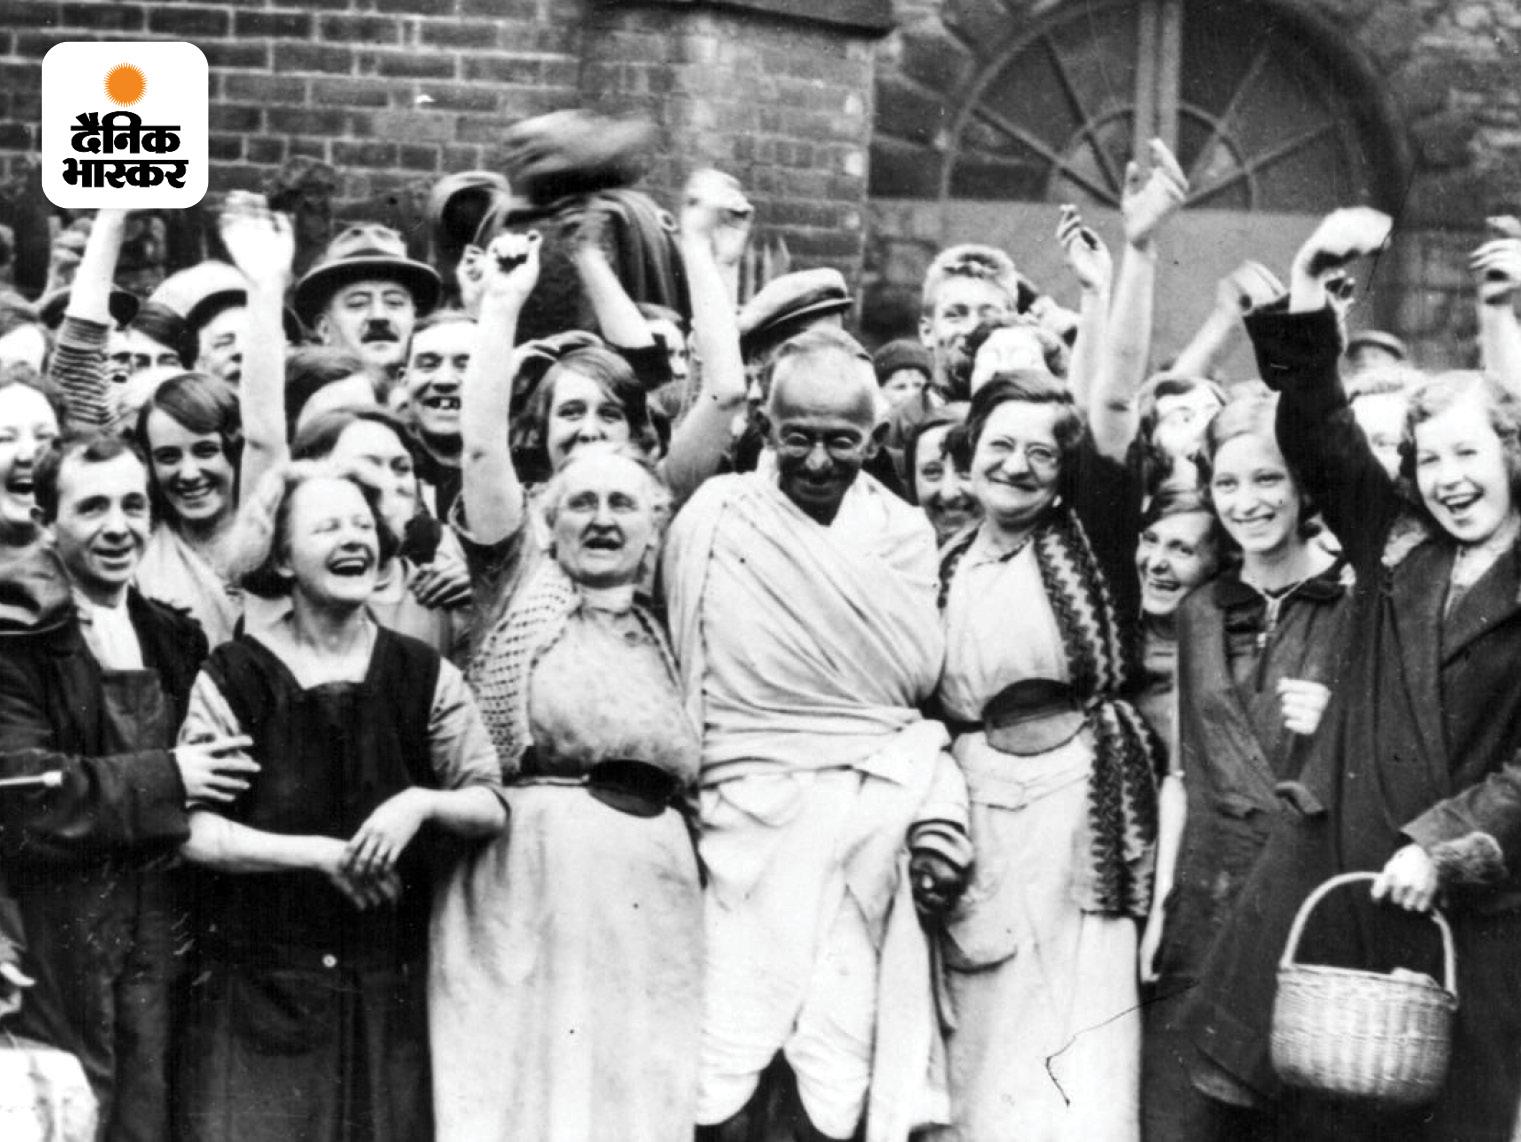 अक्टूबर 1931 में जब मोहनदास करमचंद गांधी लंदन के चैथम हाउस पहुंचे तो हॉल उनके प्रशंसकों से खचा-खच भरा हुआ था। यह फोटो उसी वक्त की है। अब तक गांधी विश्व स्तर की शख्सियत बन चुके थे। नमक सत्याग्रह और असहयोग आंदोलन के अंतरराष्ट्रीय प्रेस कवरेज ने उन्हें पूरी दुनिया में मशहूर कर दिया था।